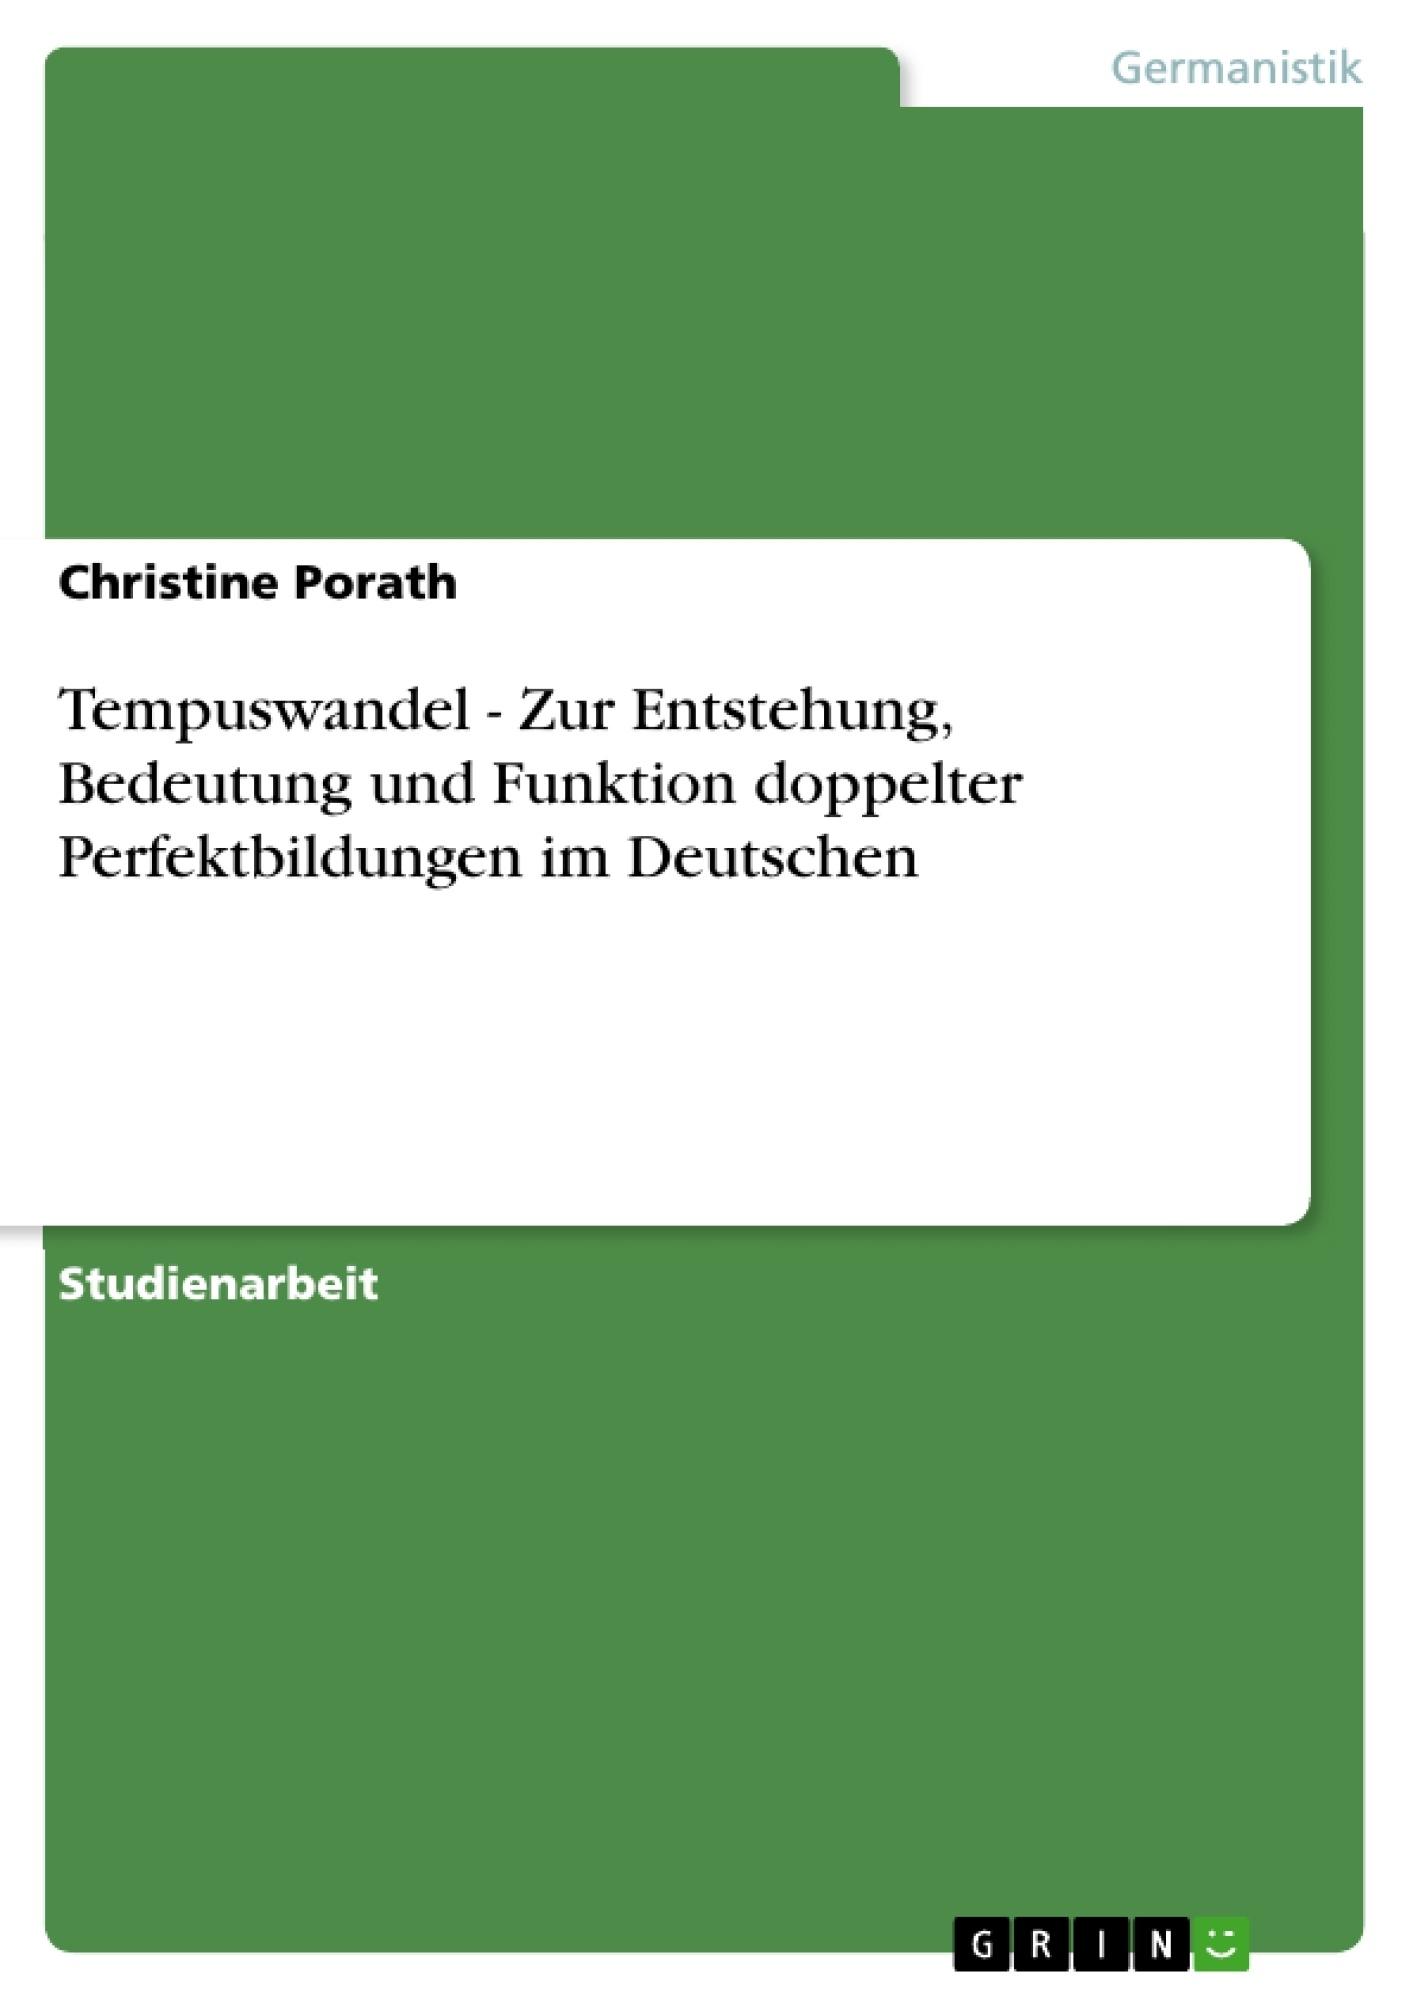 Titel: Tempuswandel - Zur Entstehung, Bedeutung und Funktion doppelter Perfektbildungen im Deutschen